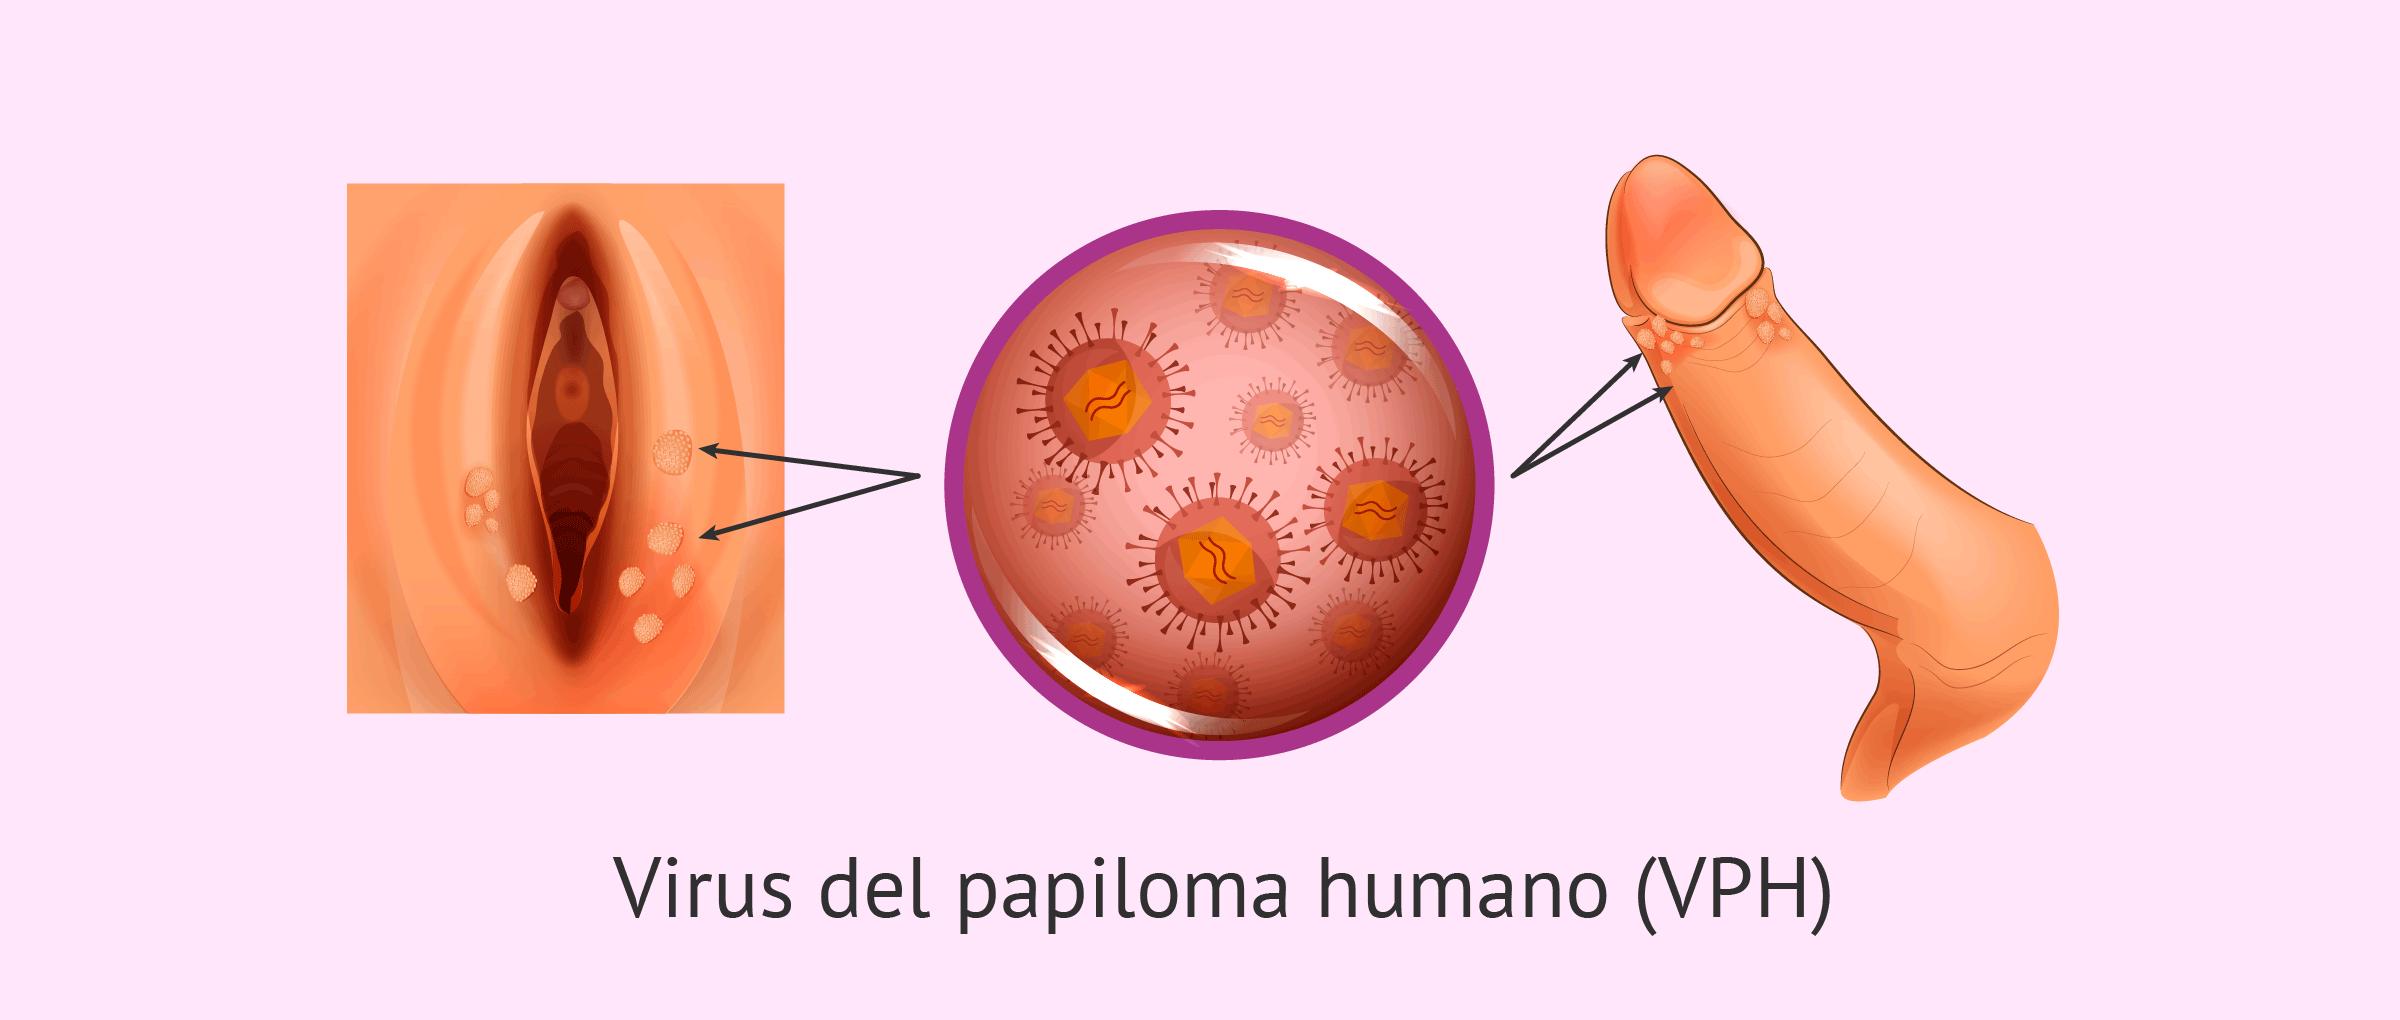 contagio hpv en mujeres